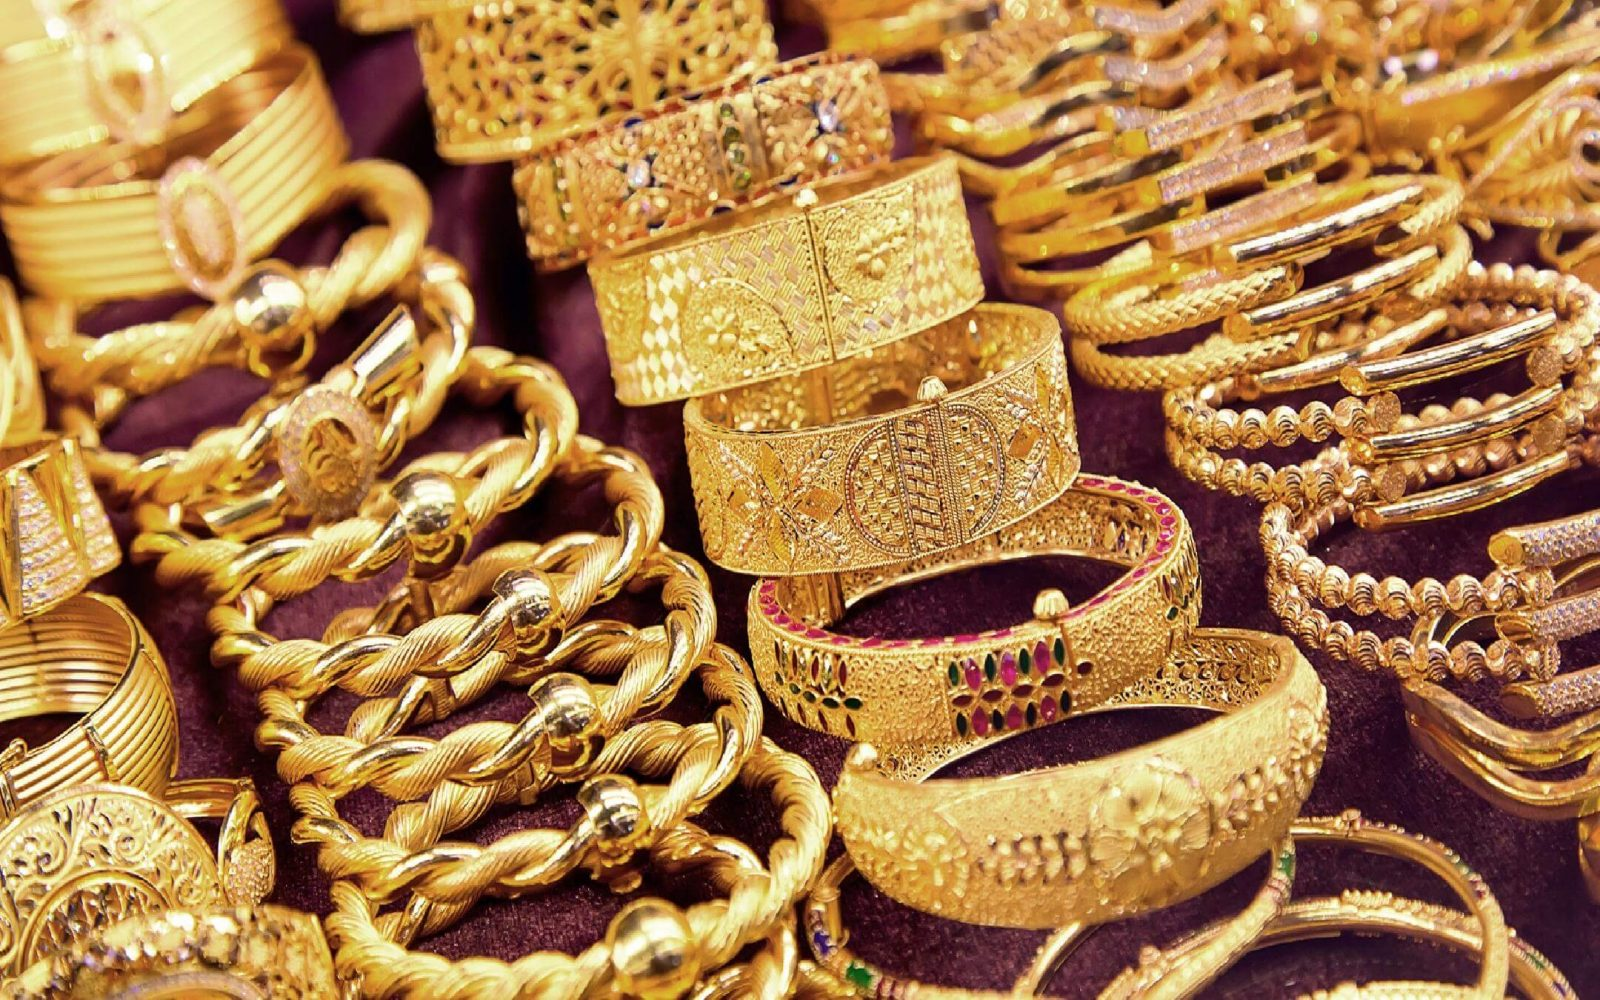 سعر الذهب مباشر اليوم الخميس 18 فبراير يشهد تحركات جديدة وعيار 21 يسجل رقماً جديداً 2